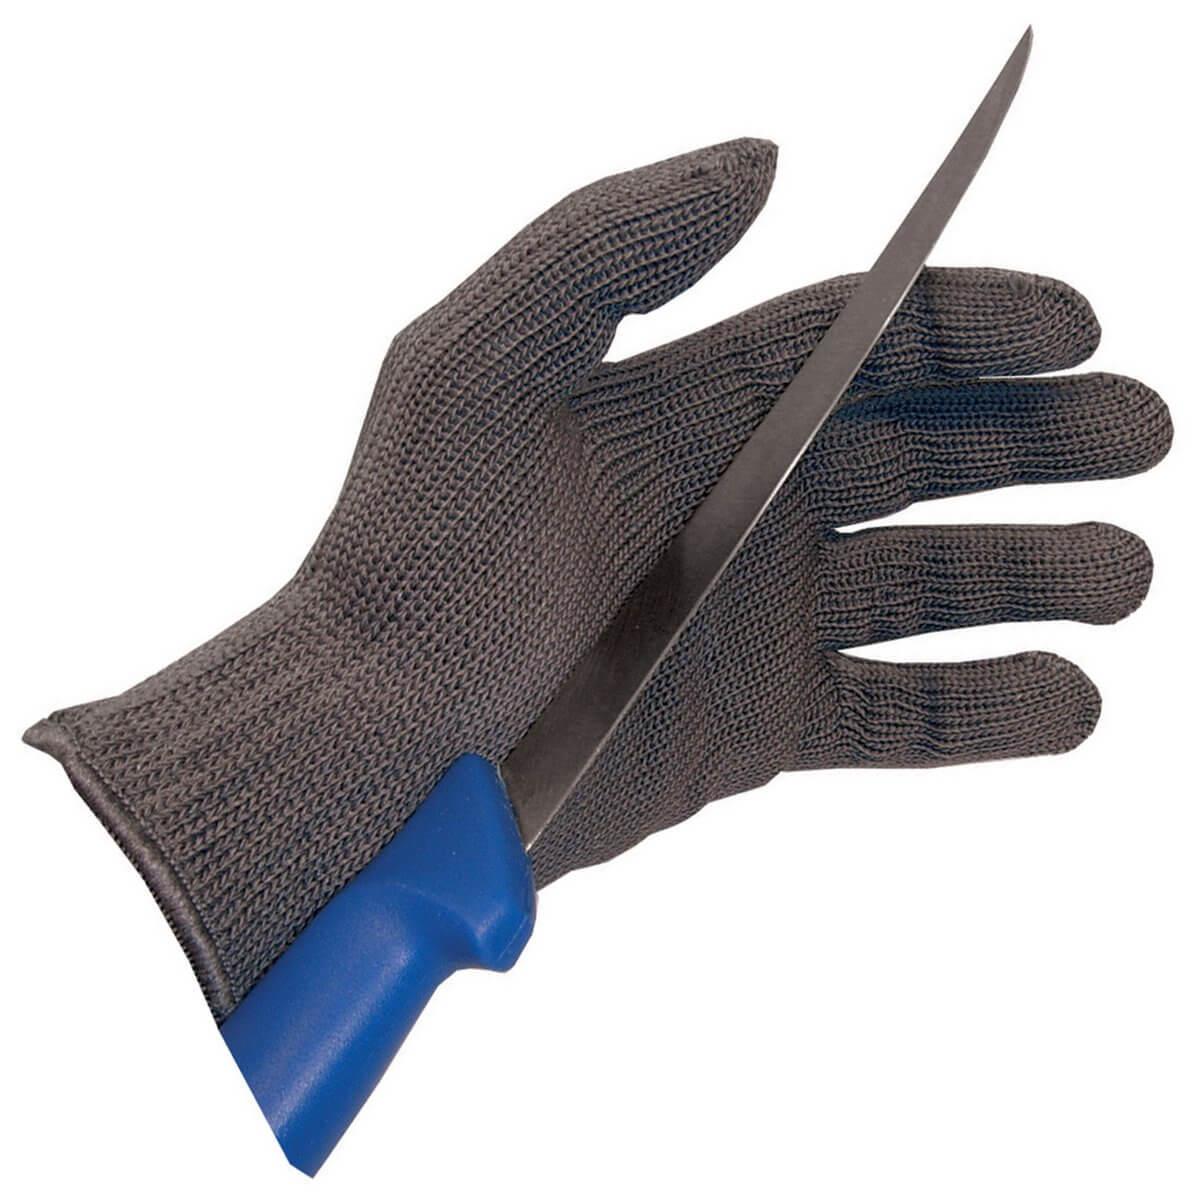 картинки защитных перчаток пдд для второй